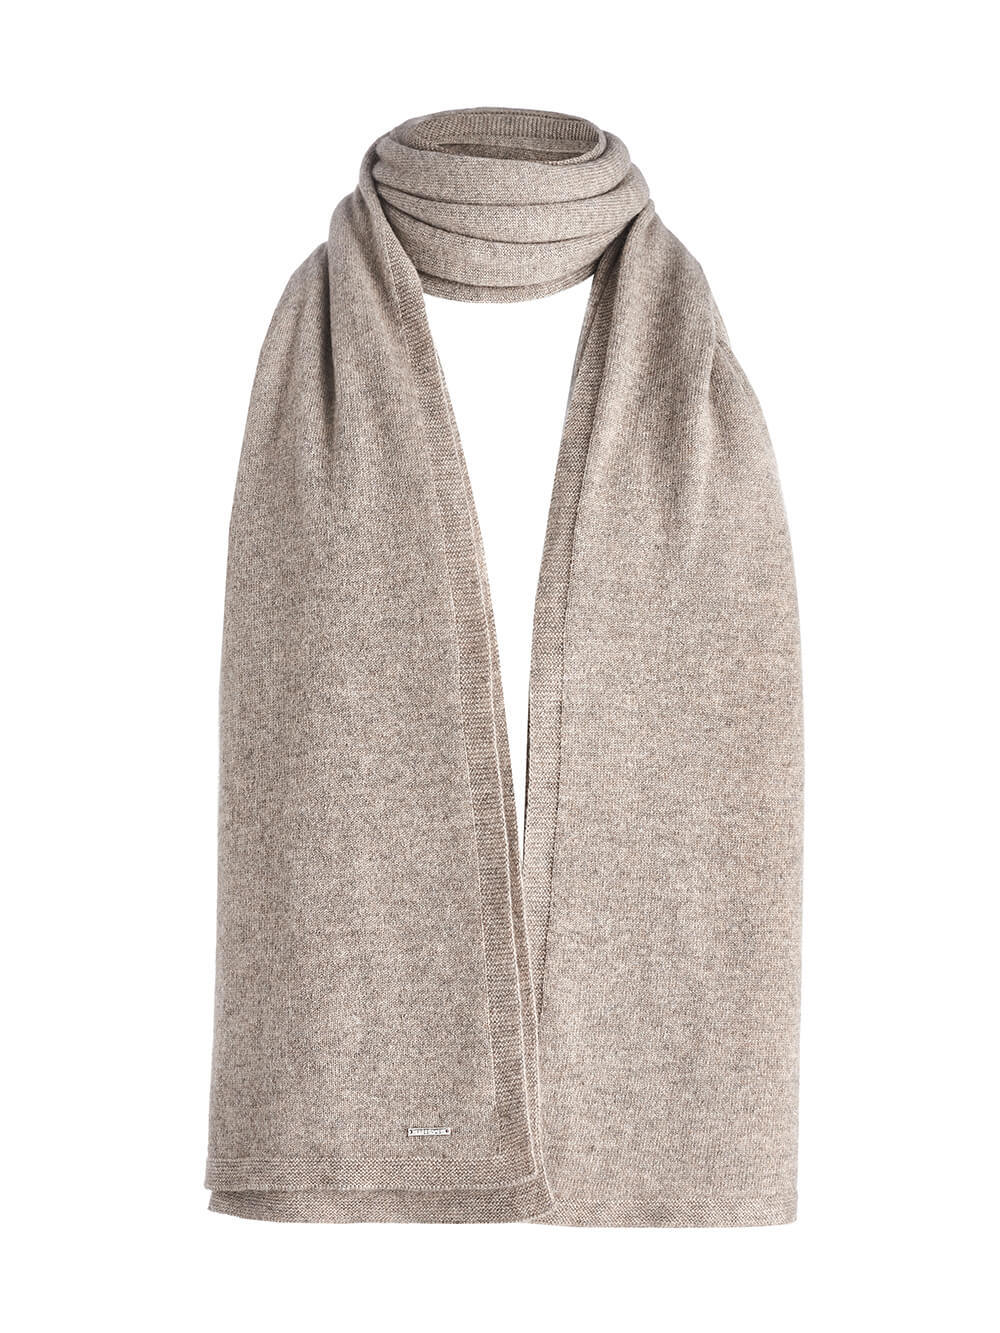 Женский шарф песочного цвета из 100% кашемира - фото 1